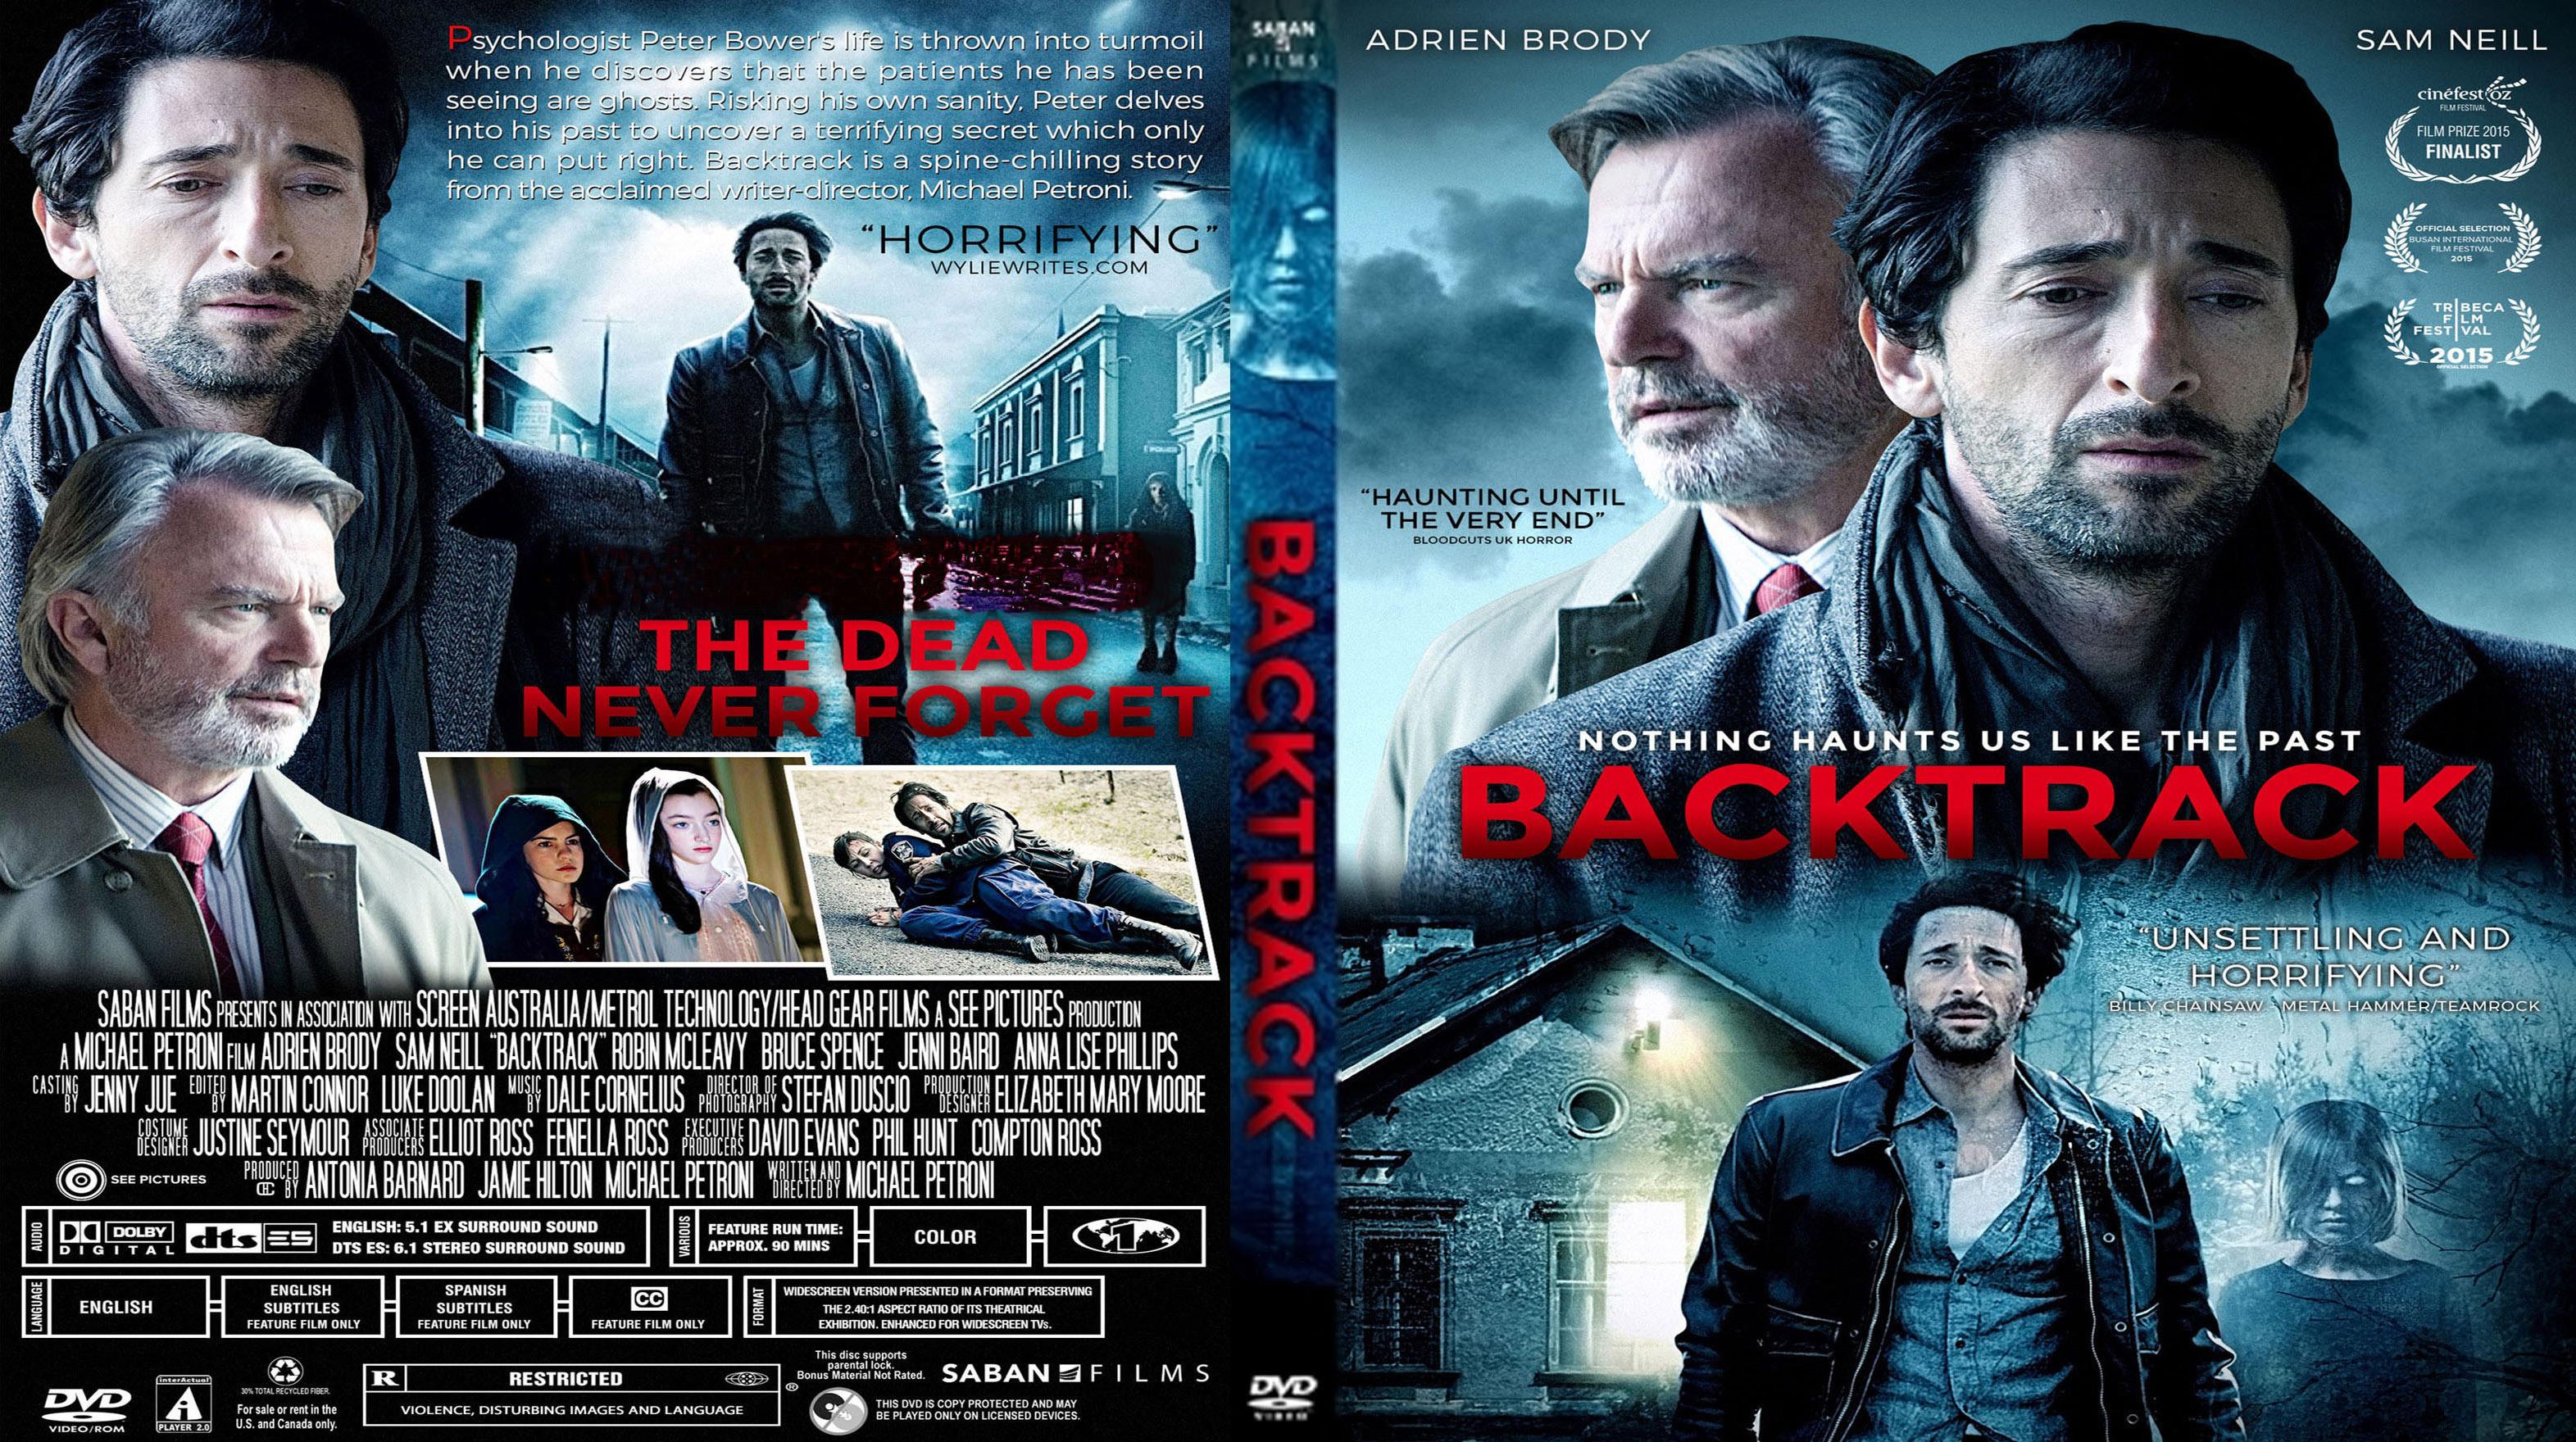 ผลการค้นหารูปภาพสำหรับ backtrack film 2015